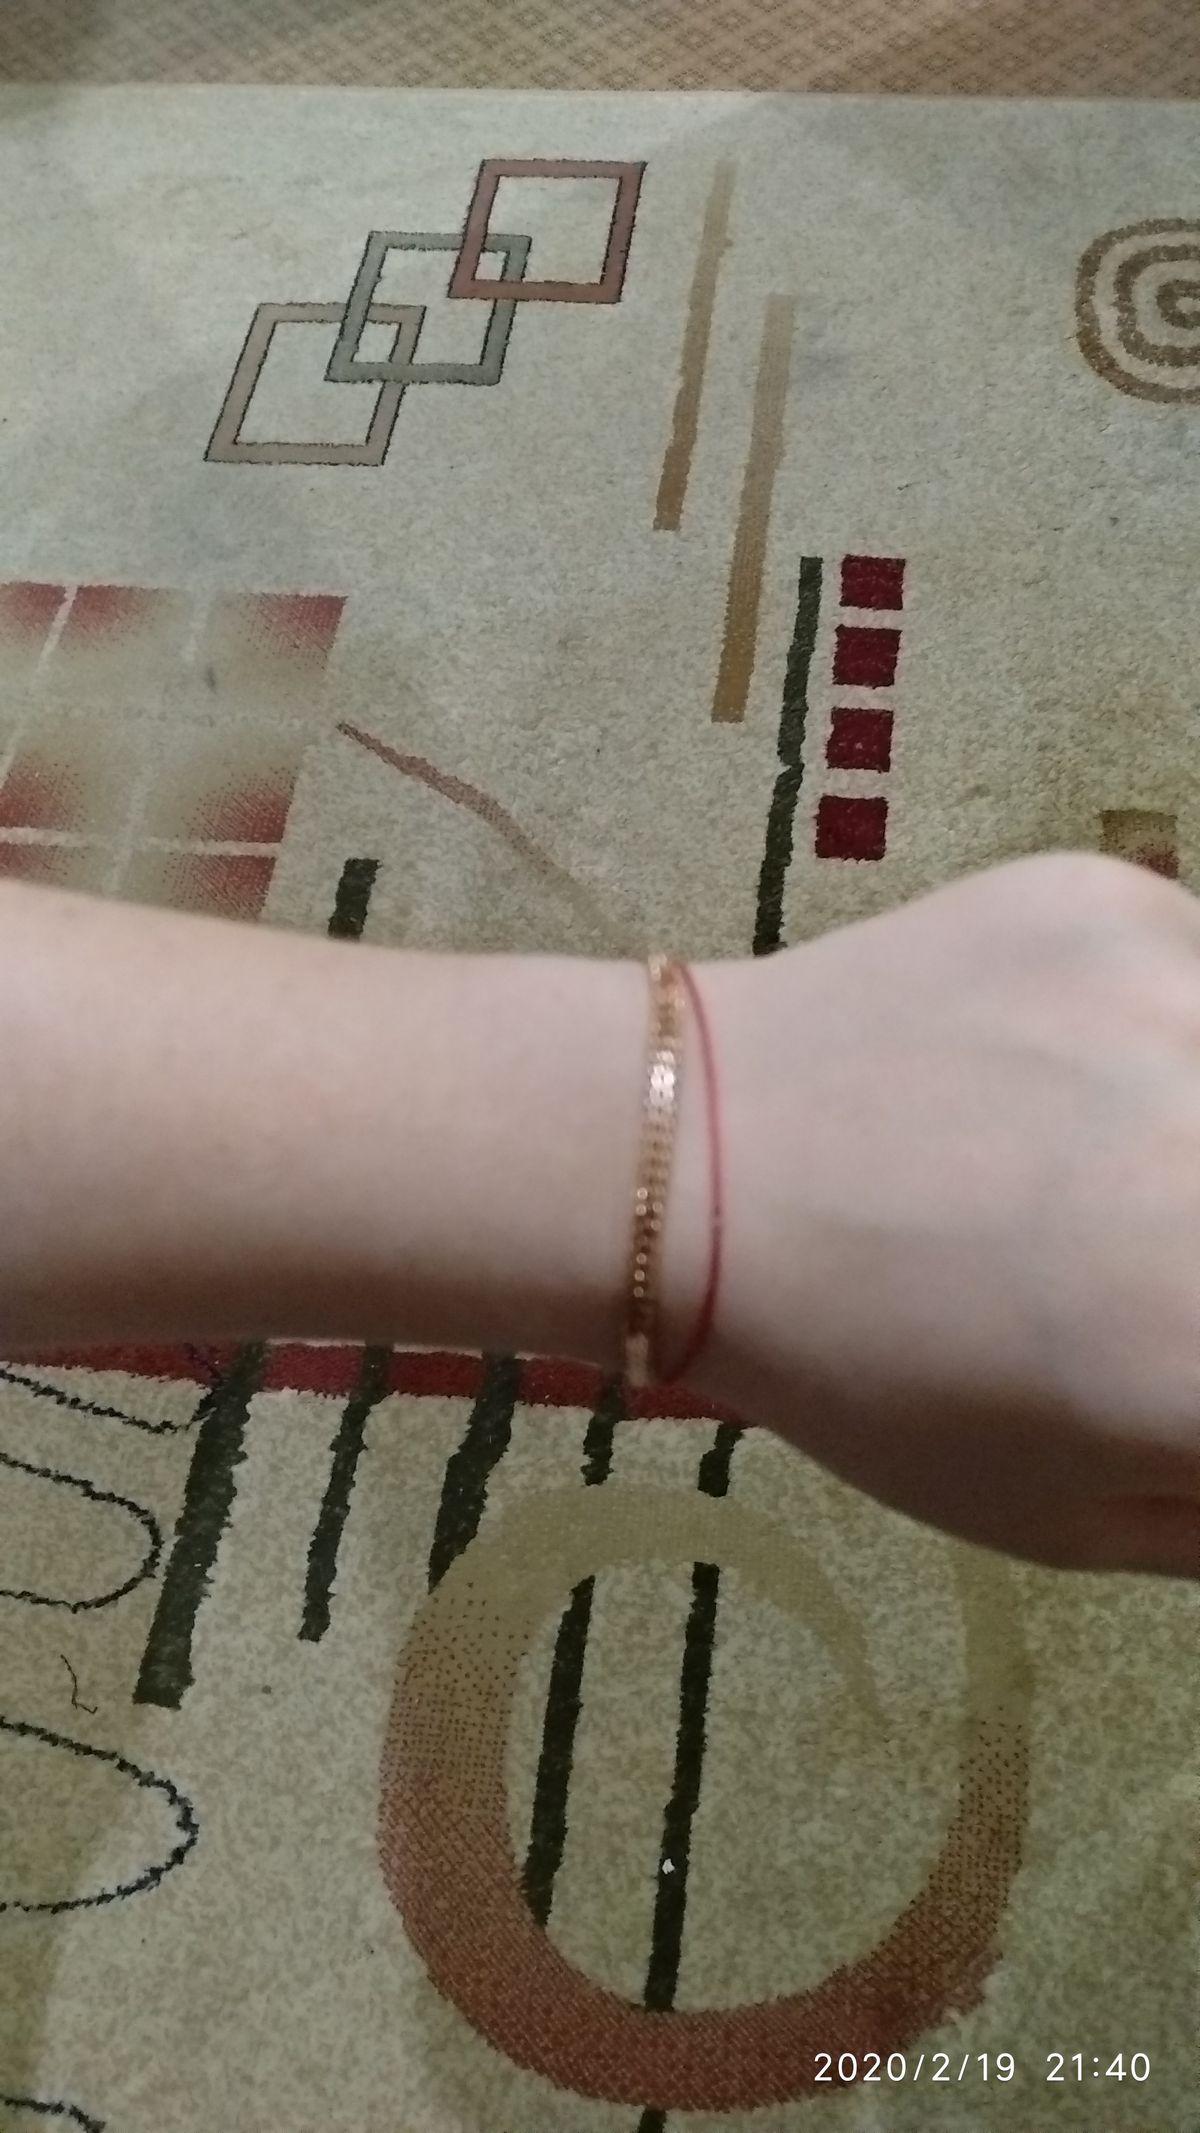 Супер браслет, очень весомый, и красиво смотрится на руке.